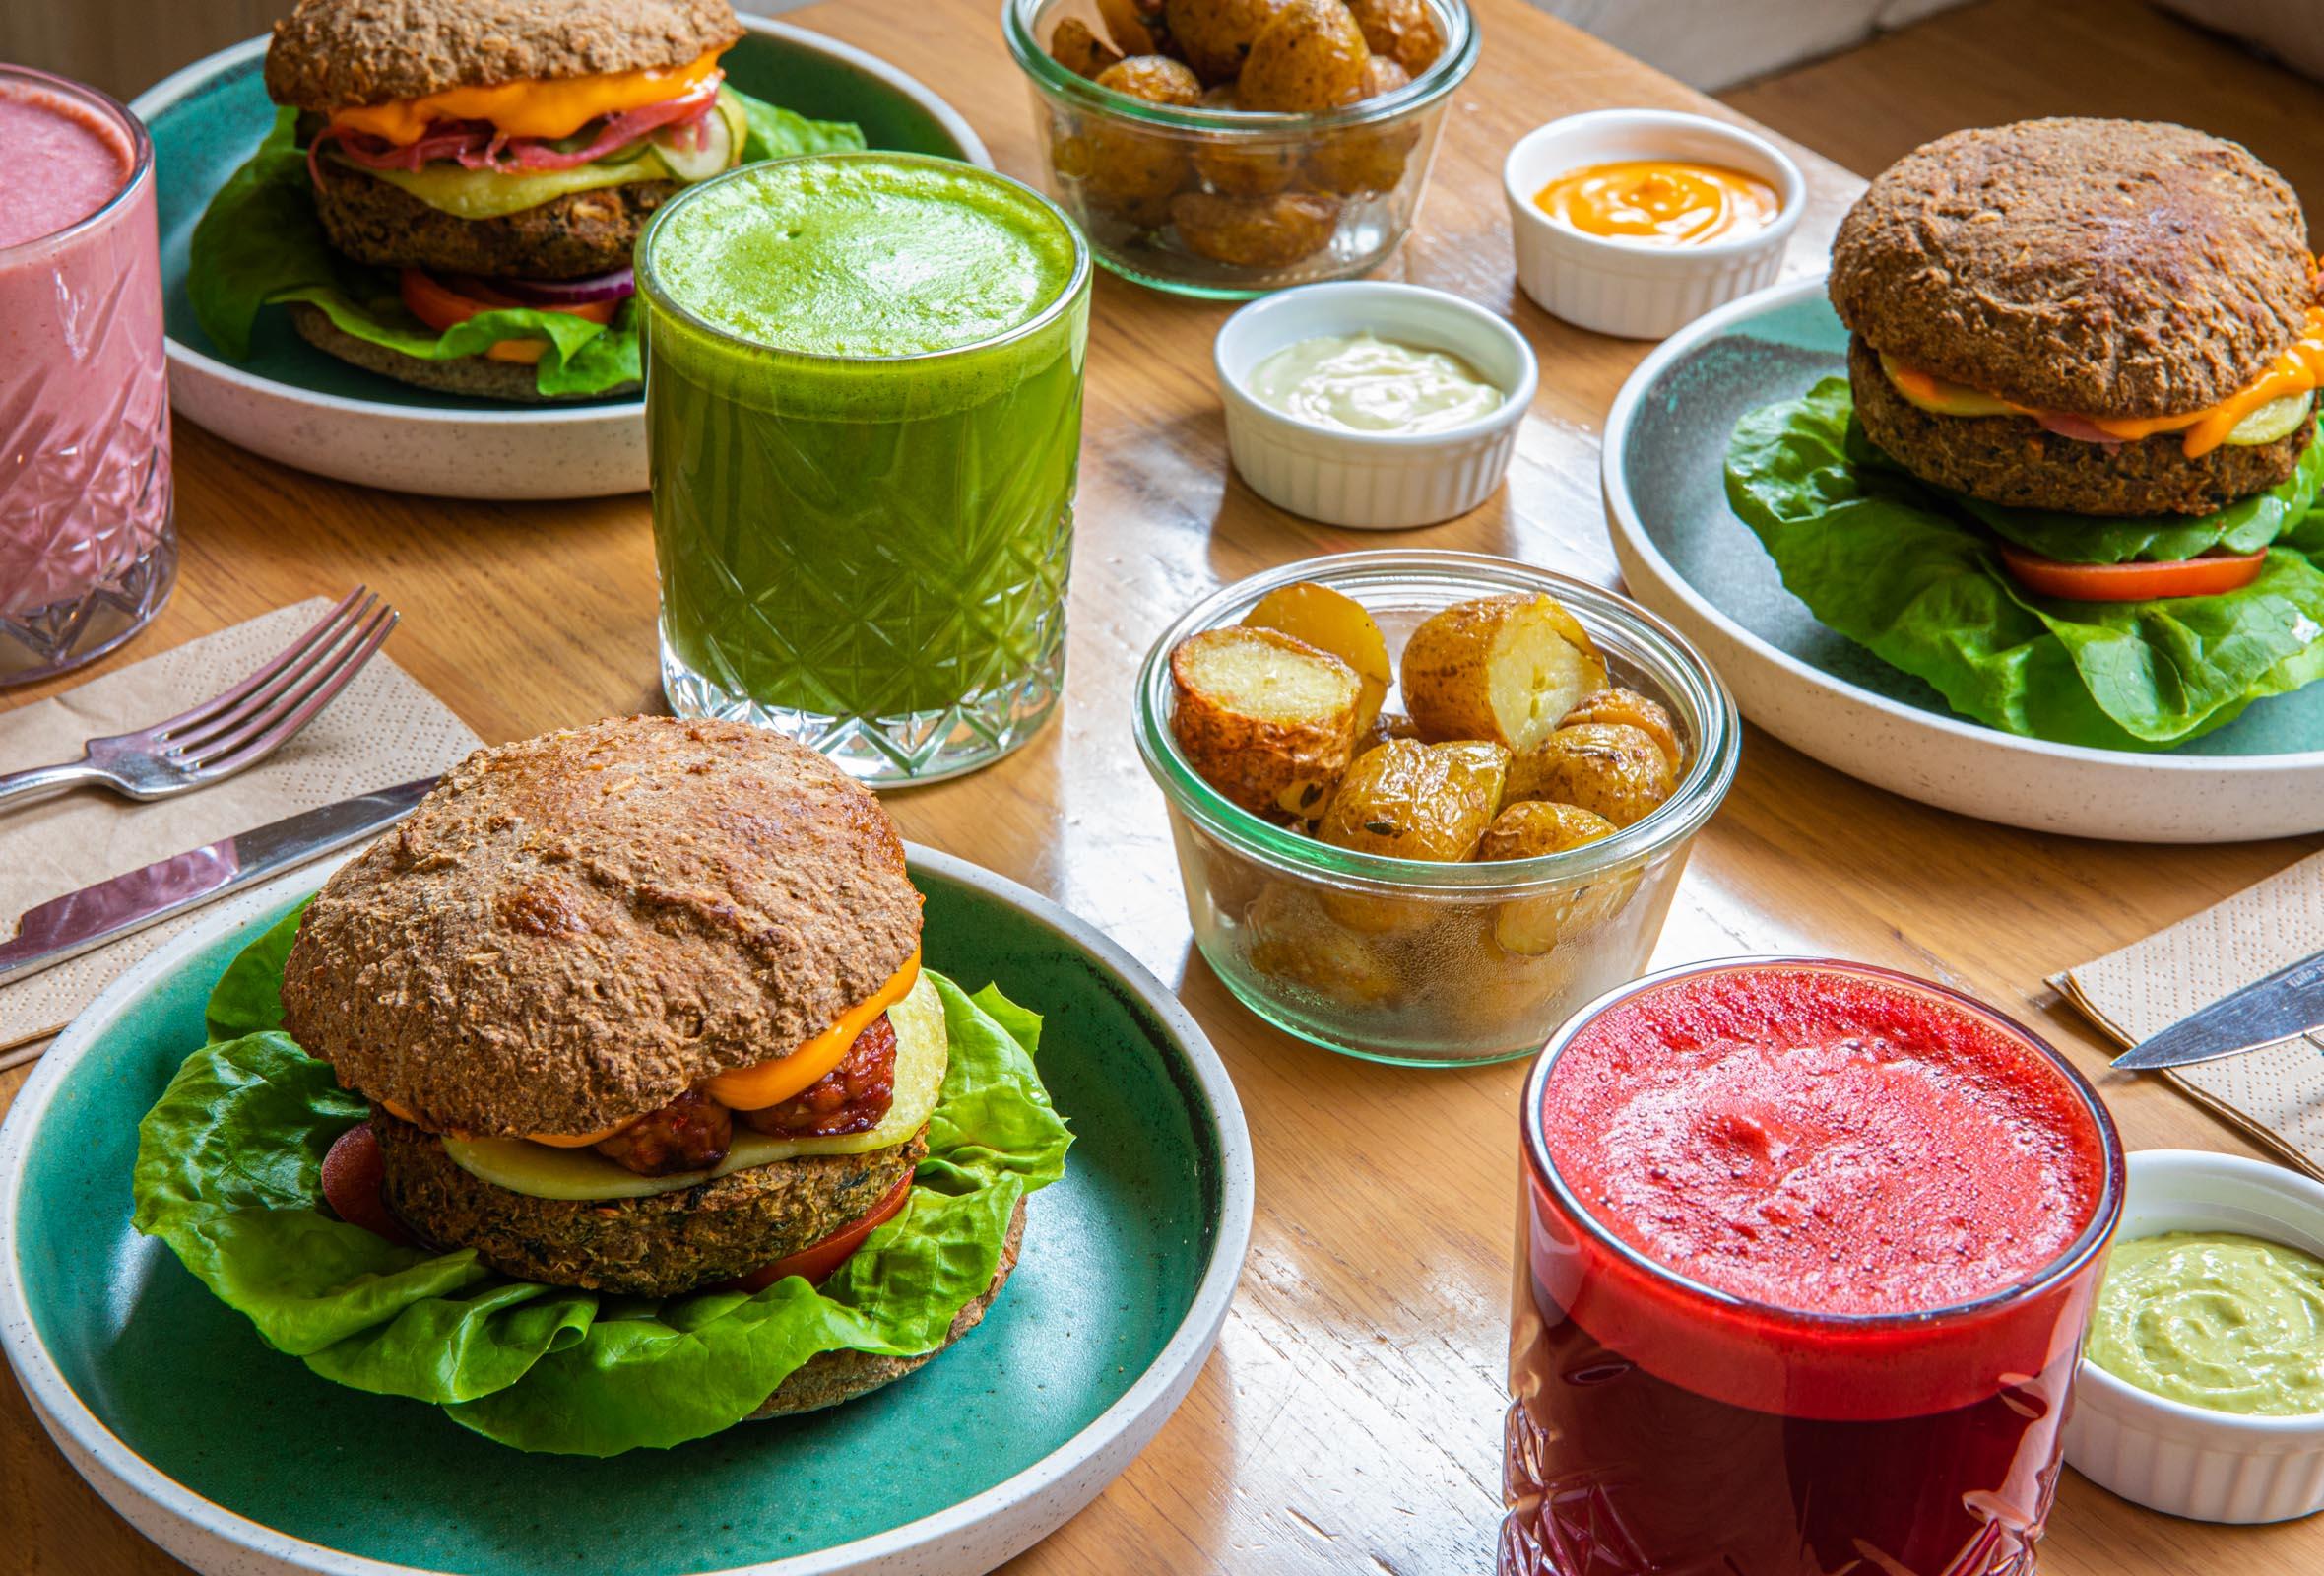 2 burgere + 2 juice / lemonade hos simpleRAW i Indre By – Veganske kokke laver nogle af byens bedste burgere